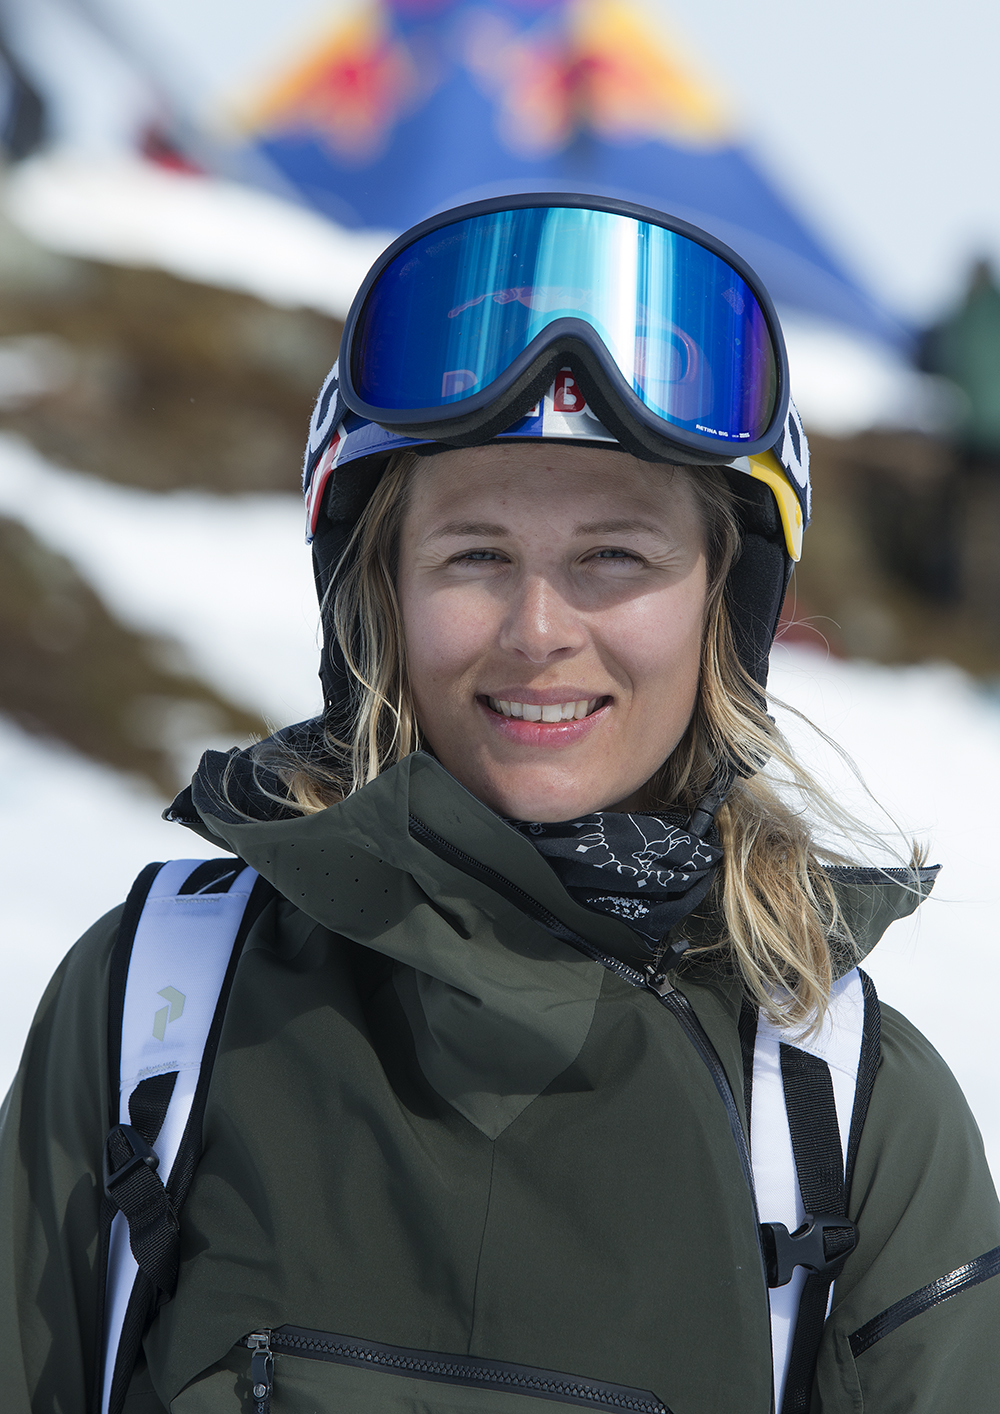 Snowboardakare i koma efter krasch